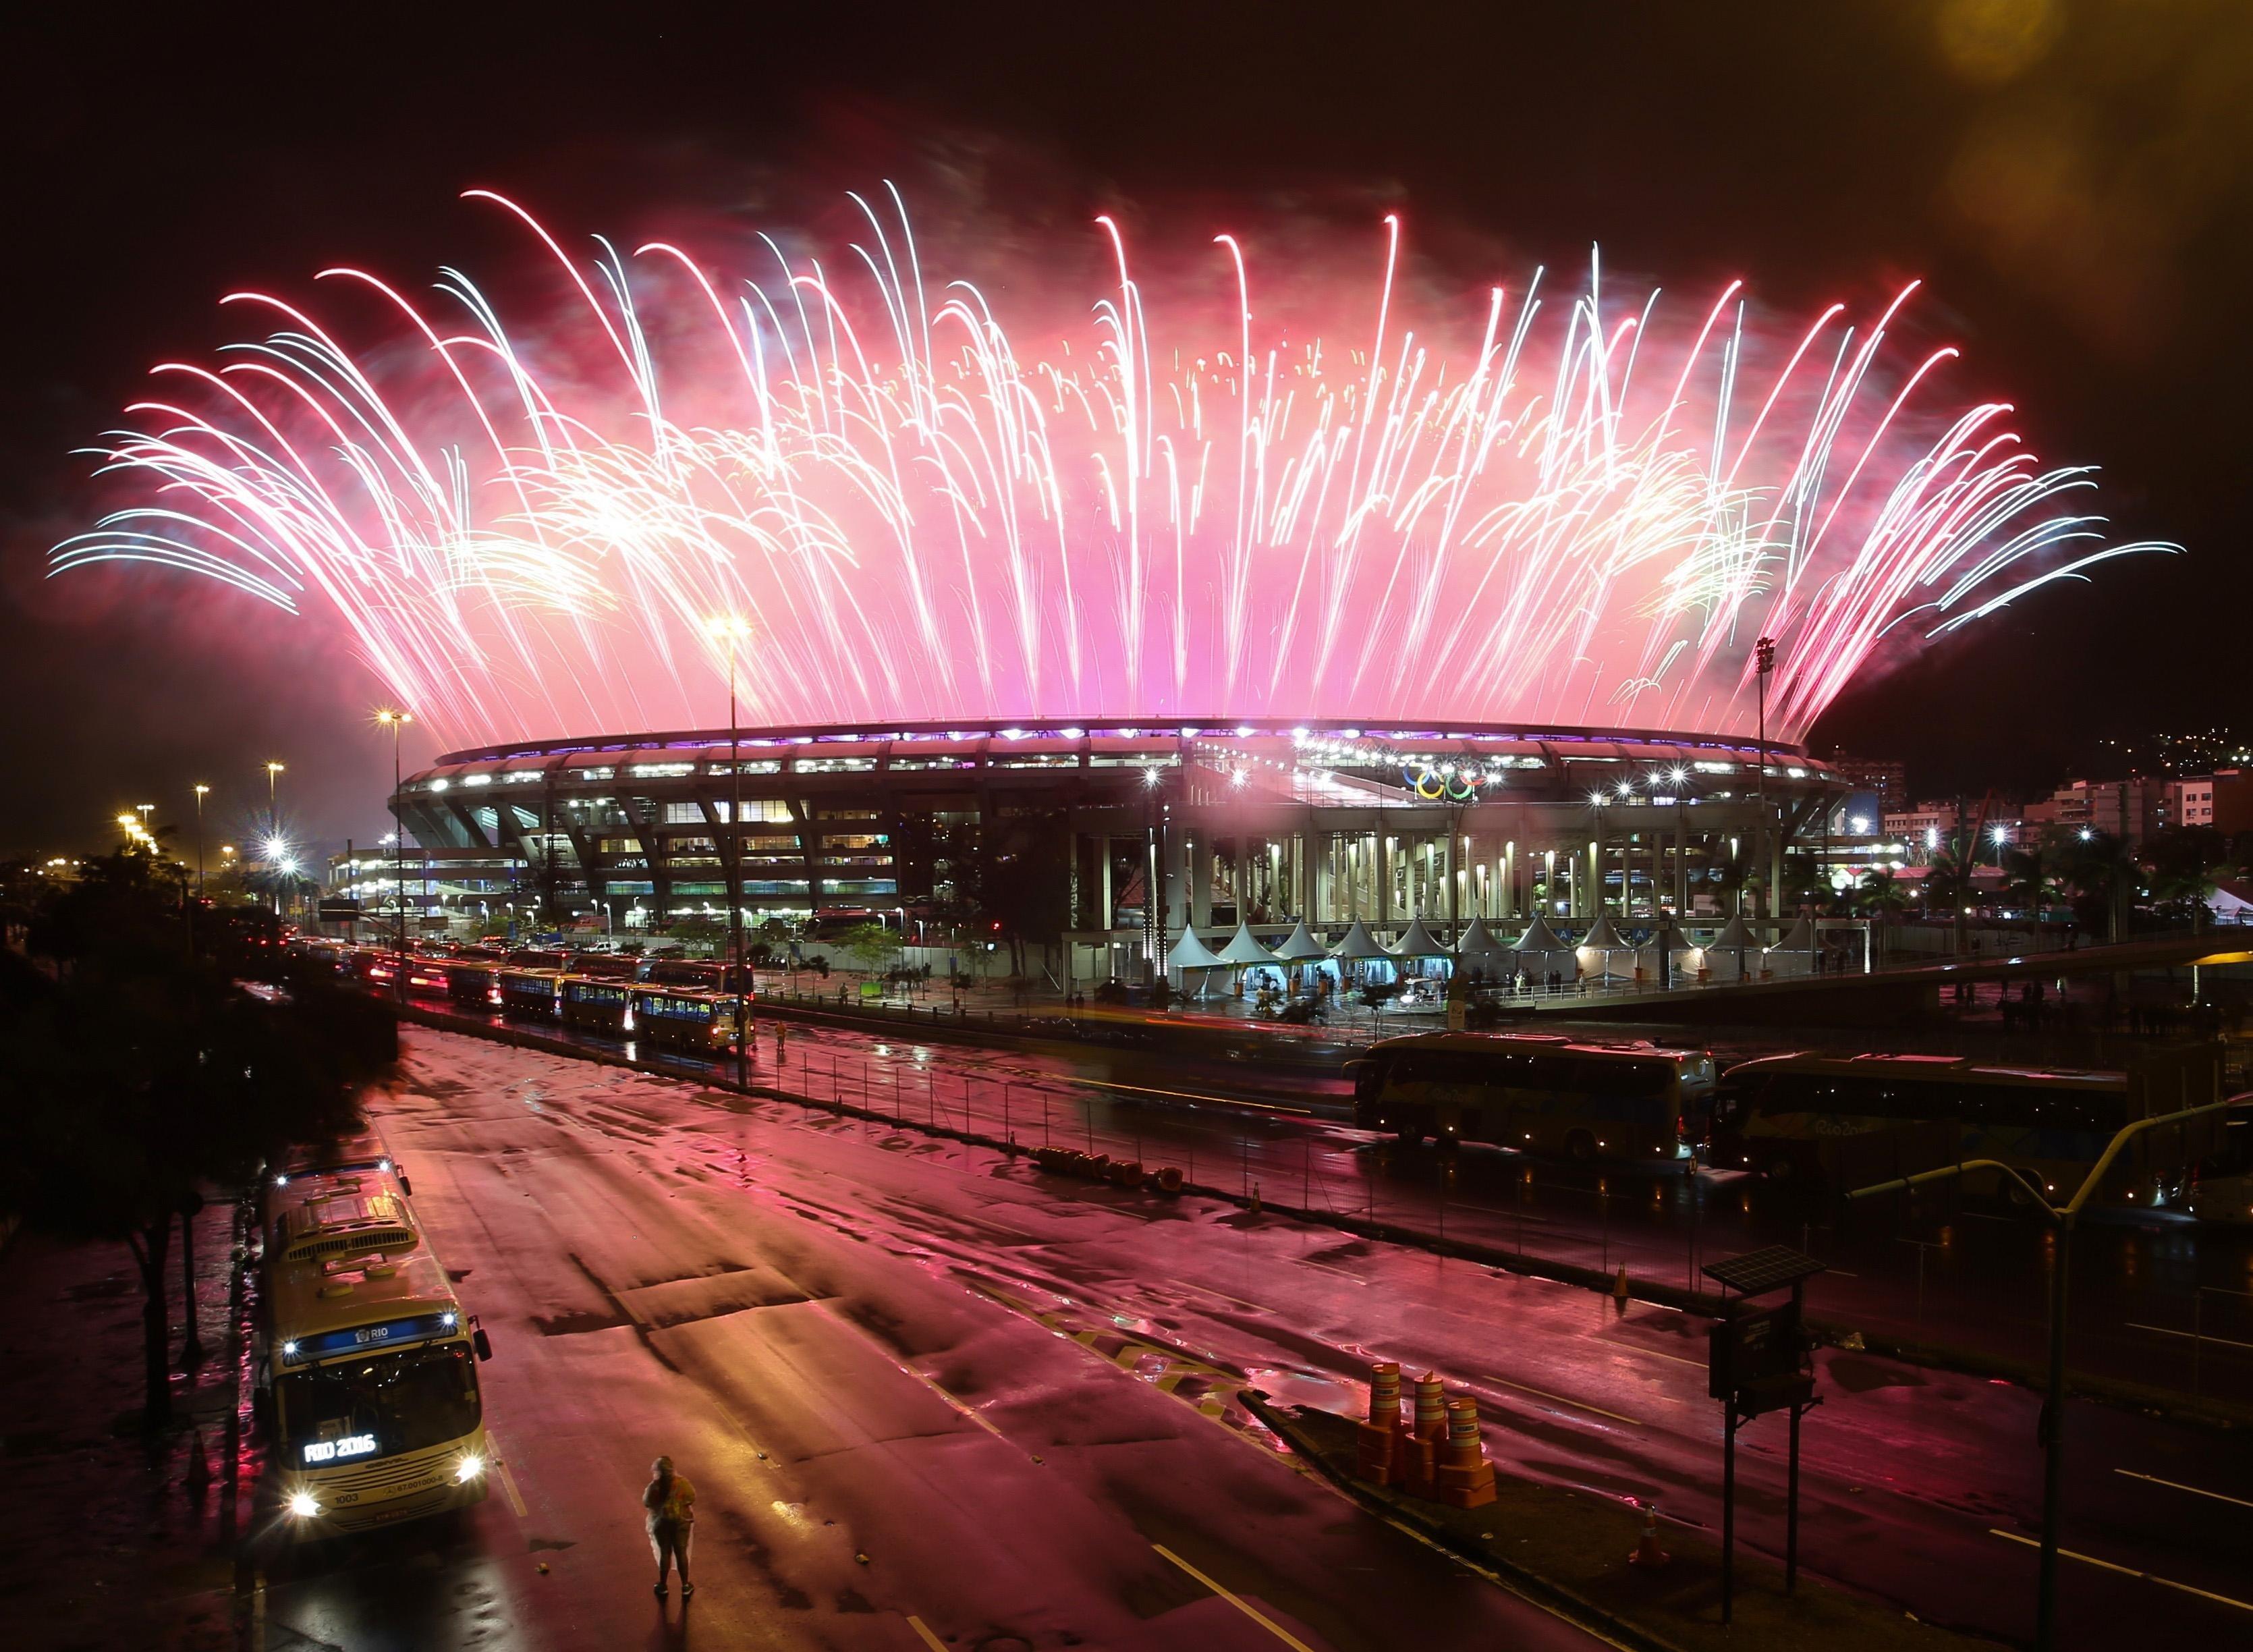 2016 Rio Olympics - Closing ceremony - Maracana - Rio de Janeiro, Brazil - 21/08/2016. Fireworks explode during the closing ceremony. REUTERS/Fernando Donasci